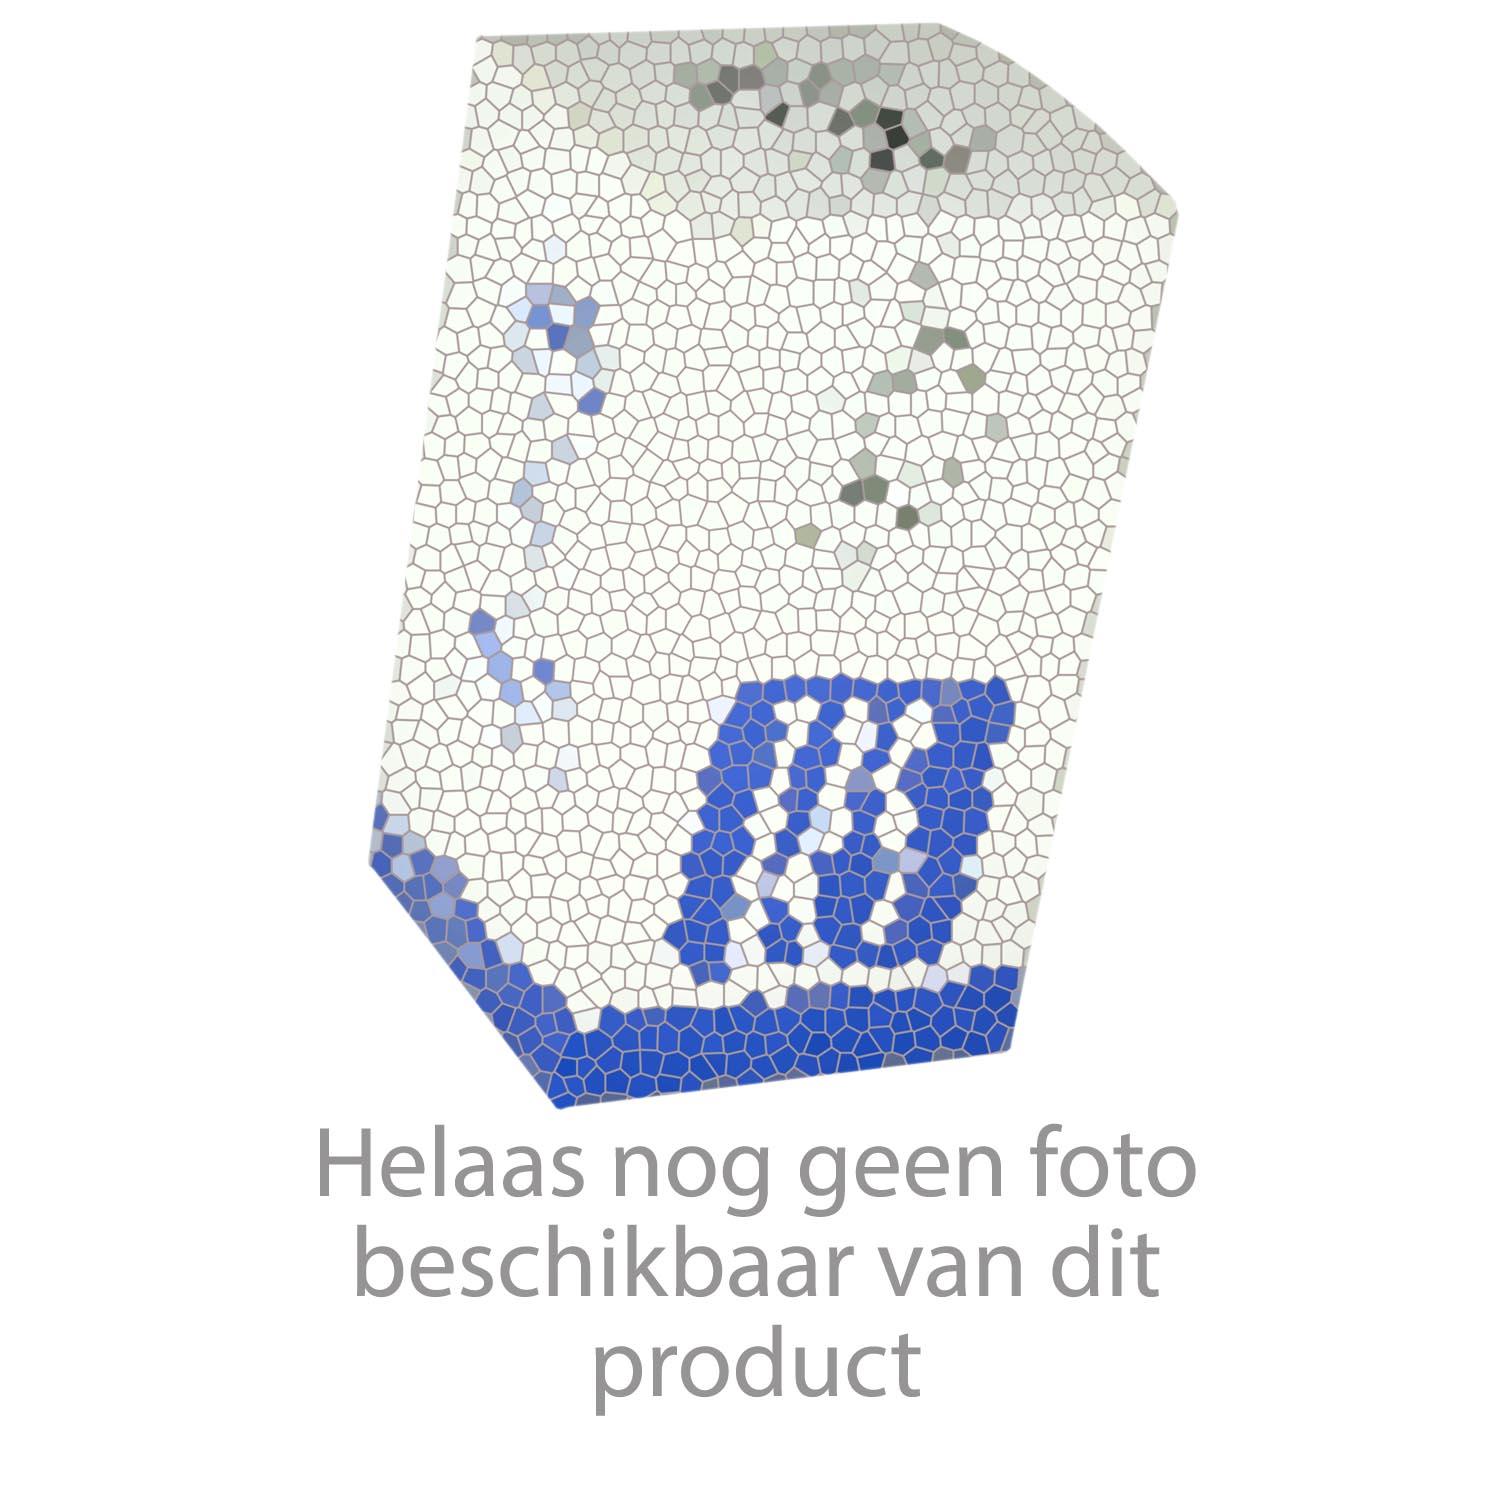 HansGrohe Keukenmengkranen Allegra Carlton productiejaar > 06/02 14880 onderdelen